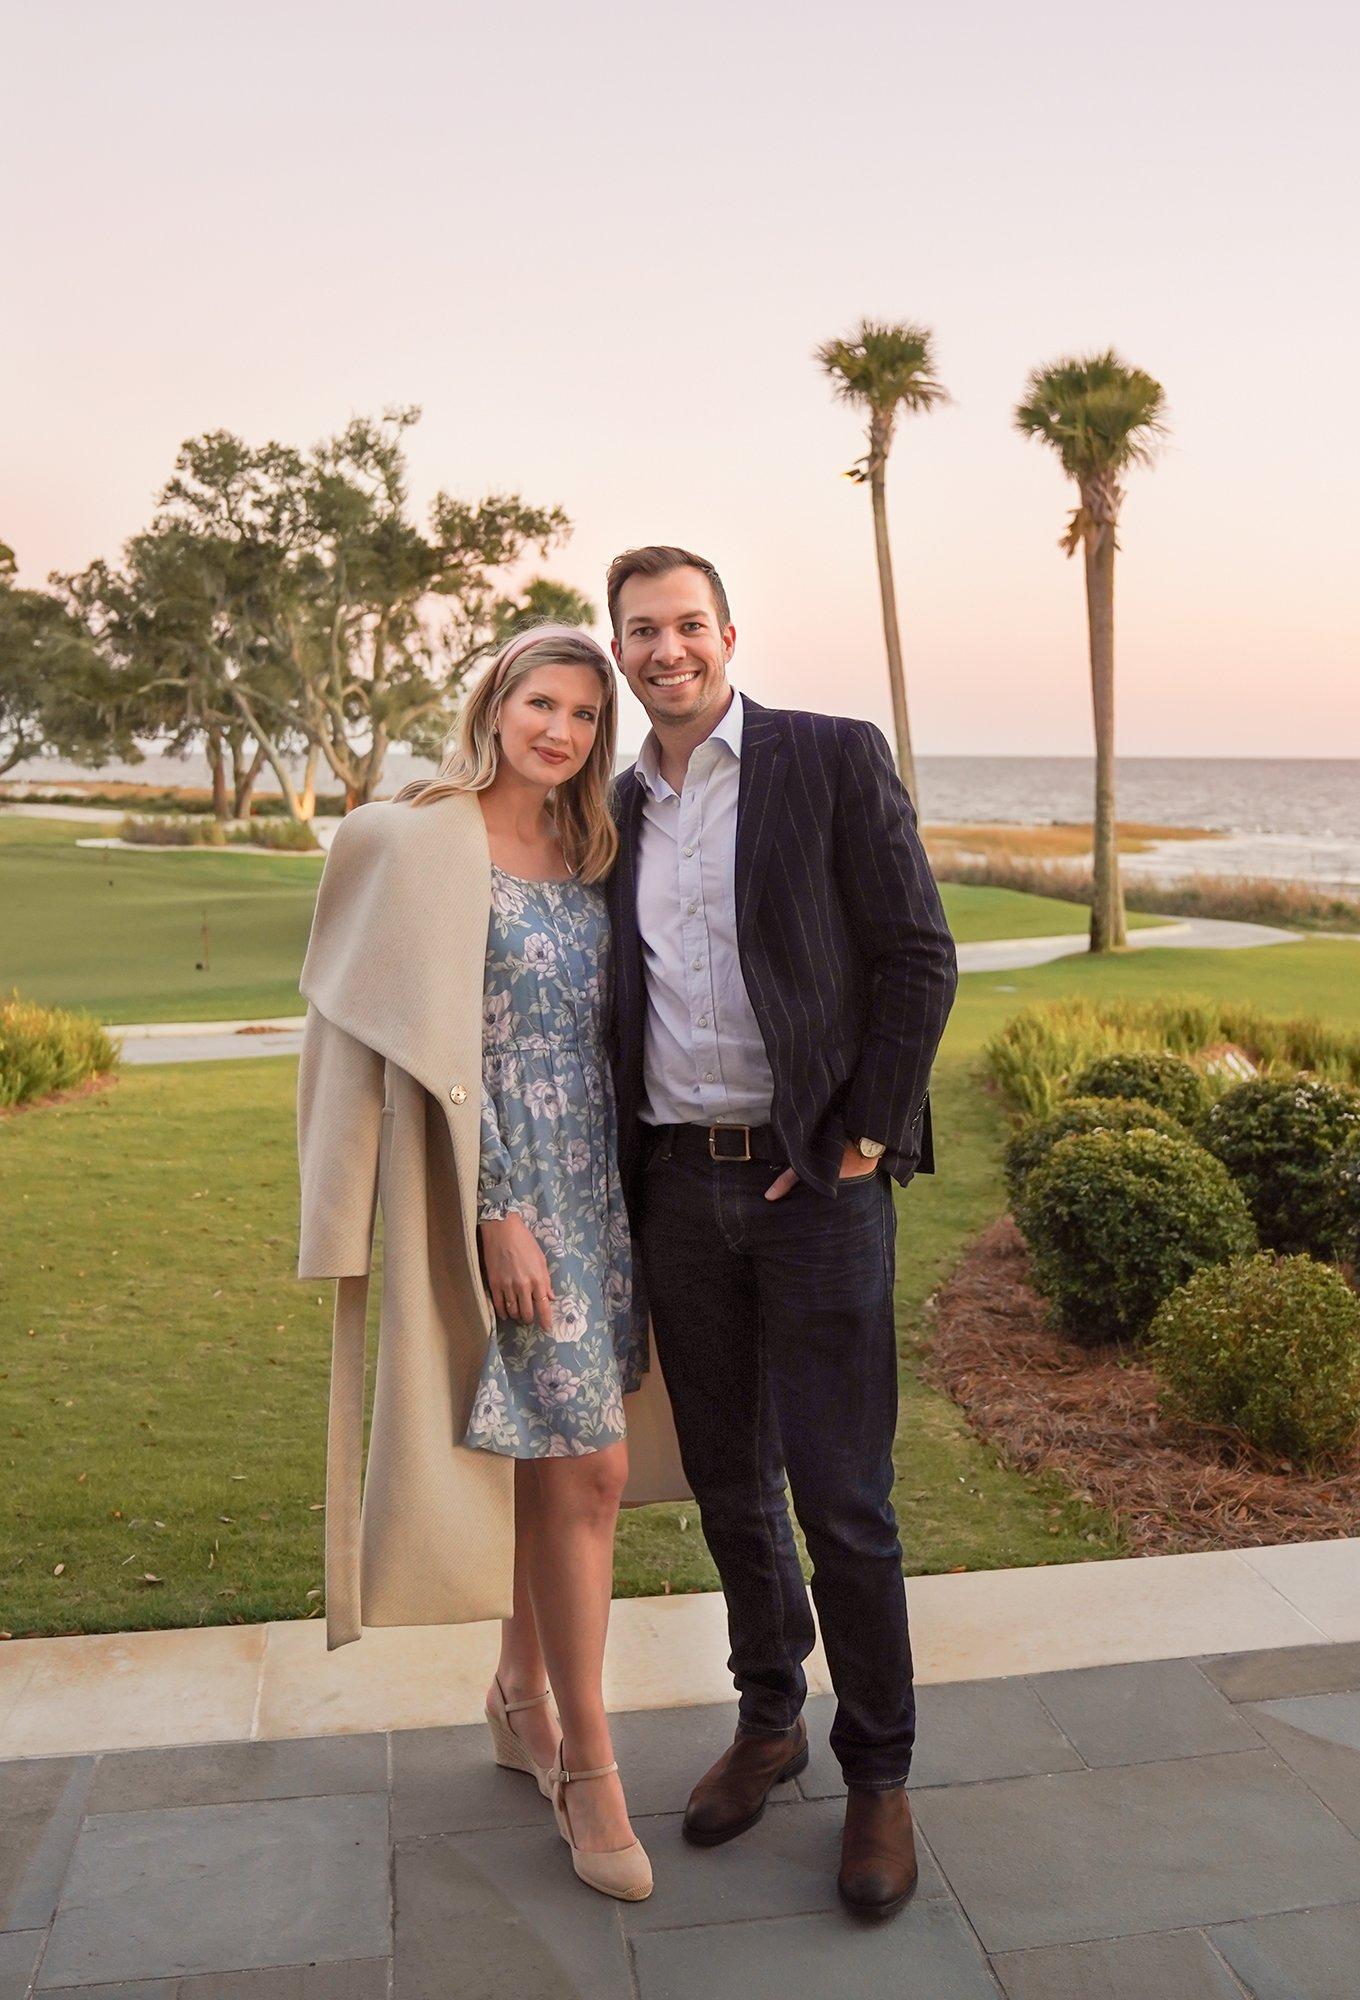 Ashley Brooke and Ryan in Sea Island, GA